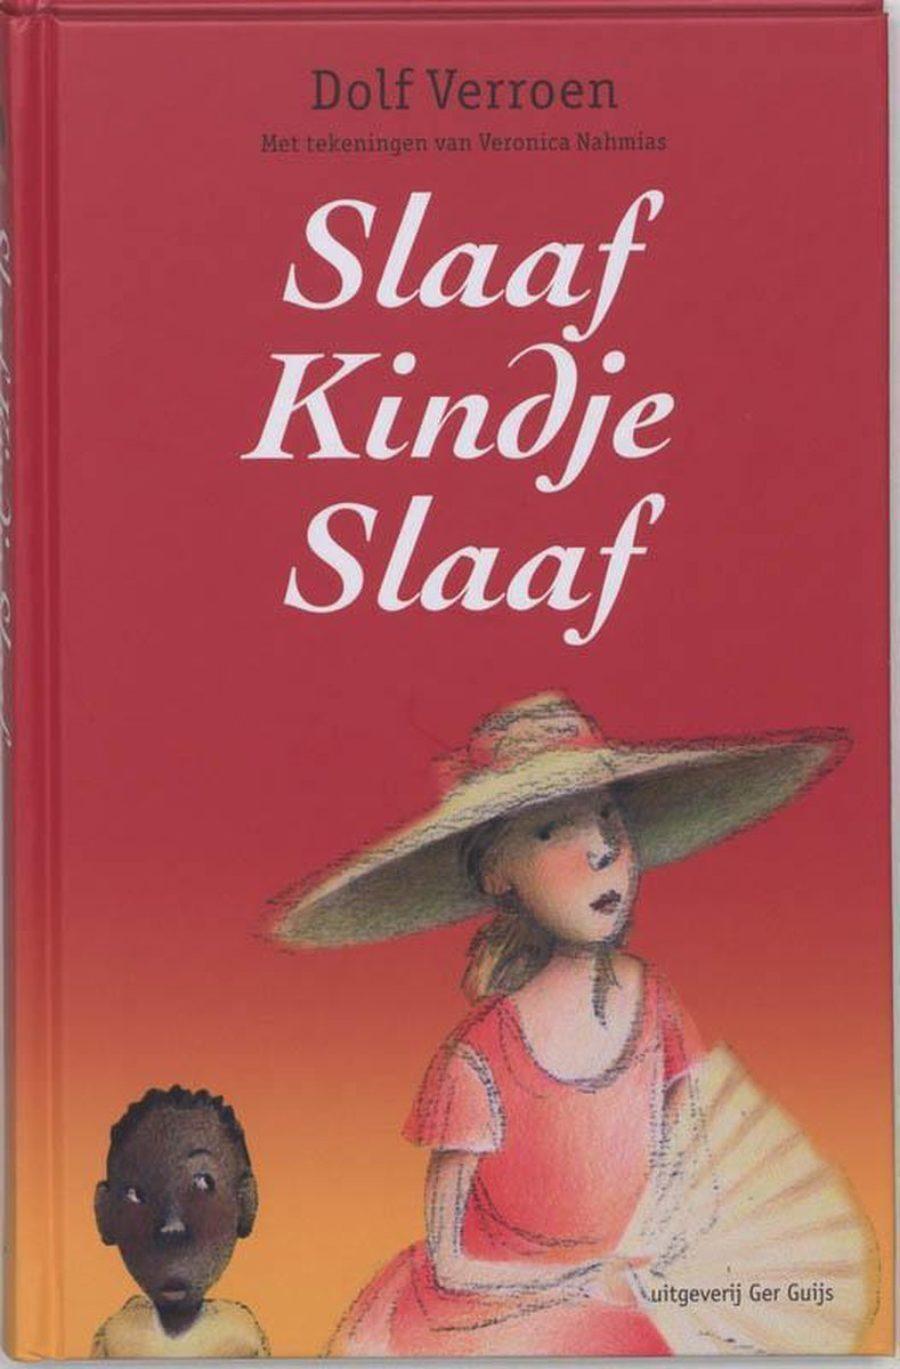 BOEKEN LITERATUUR 6 Walter van den Broeck c Koen Broos